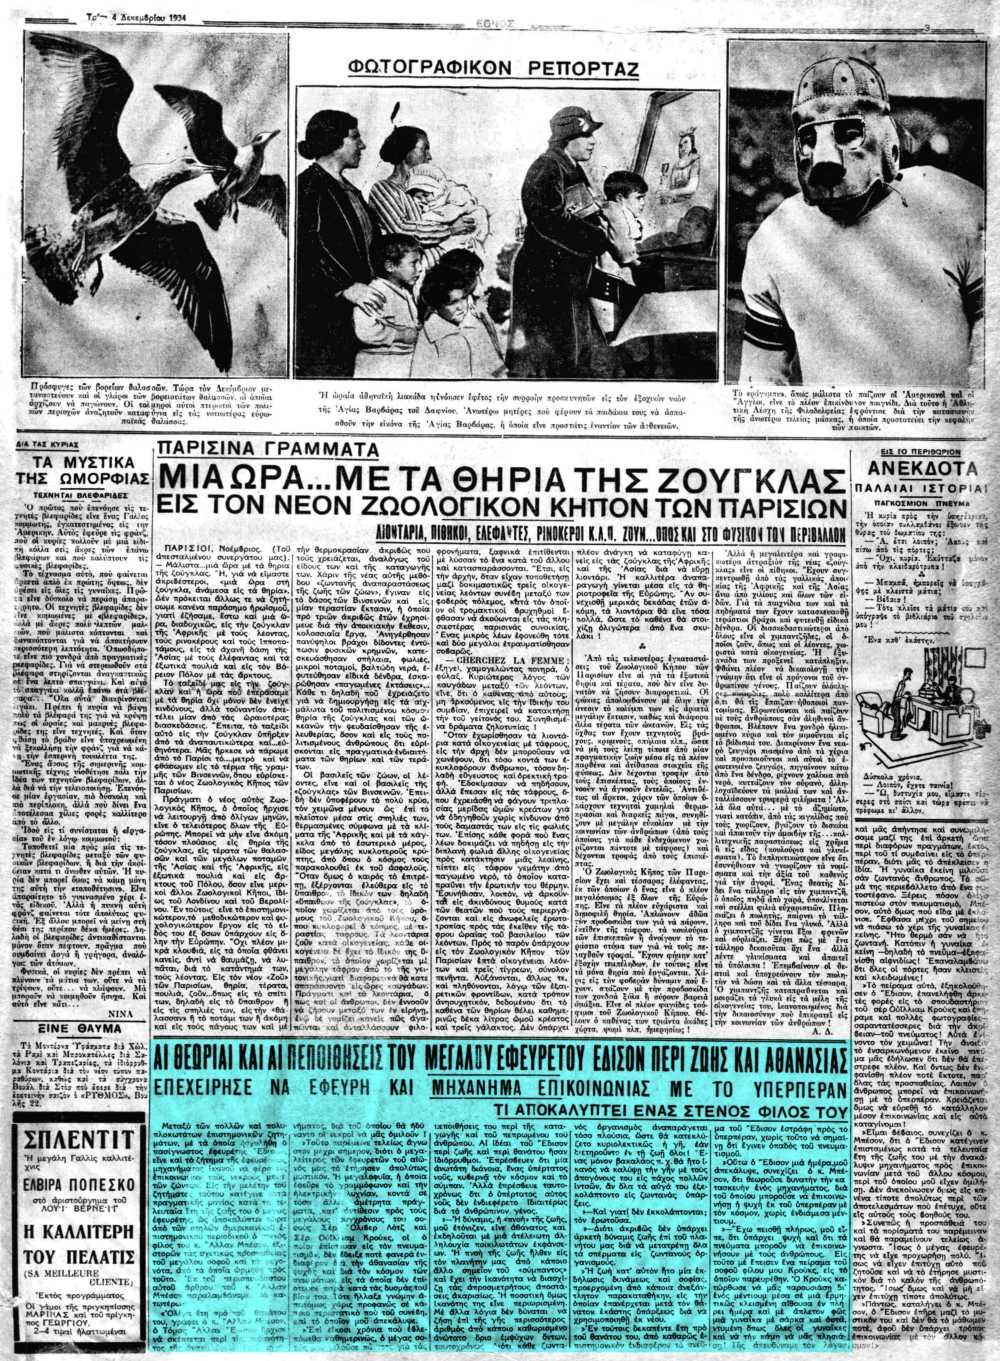 """Το άρθρο, όπως δημοσιεύθηκε στην εφημερίδα """"ΕΘΝΟΣ"""", στις 04/12/1934"""